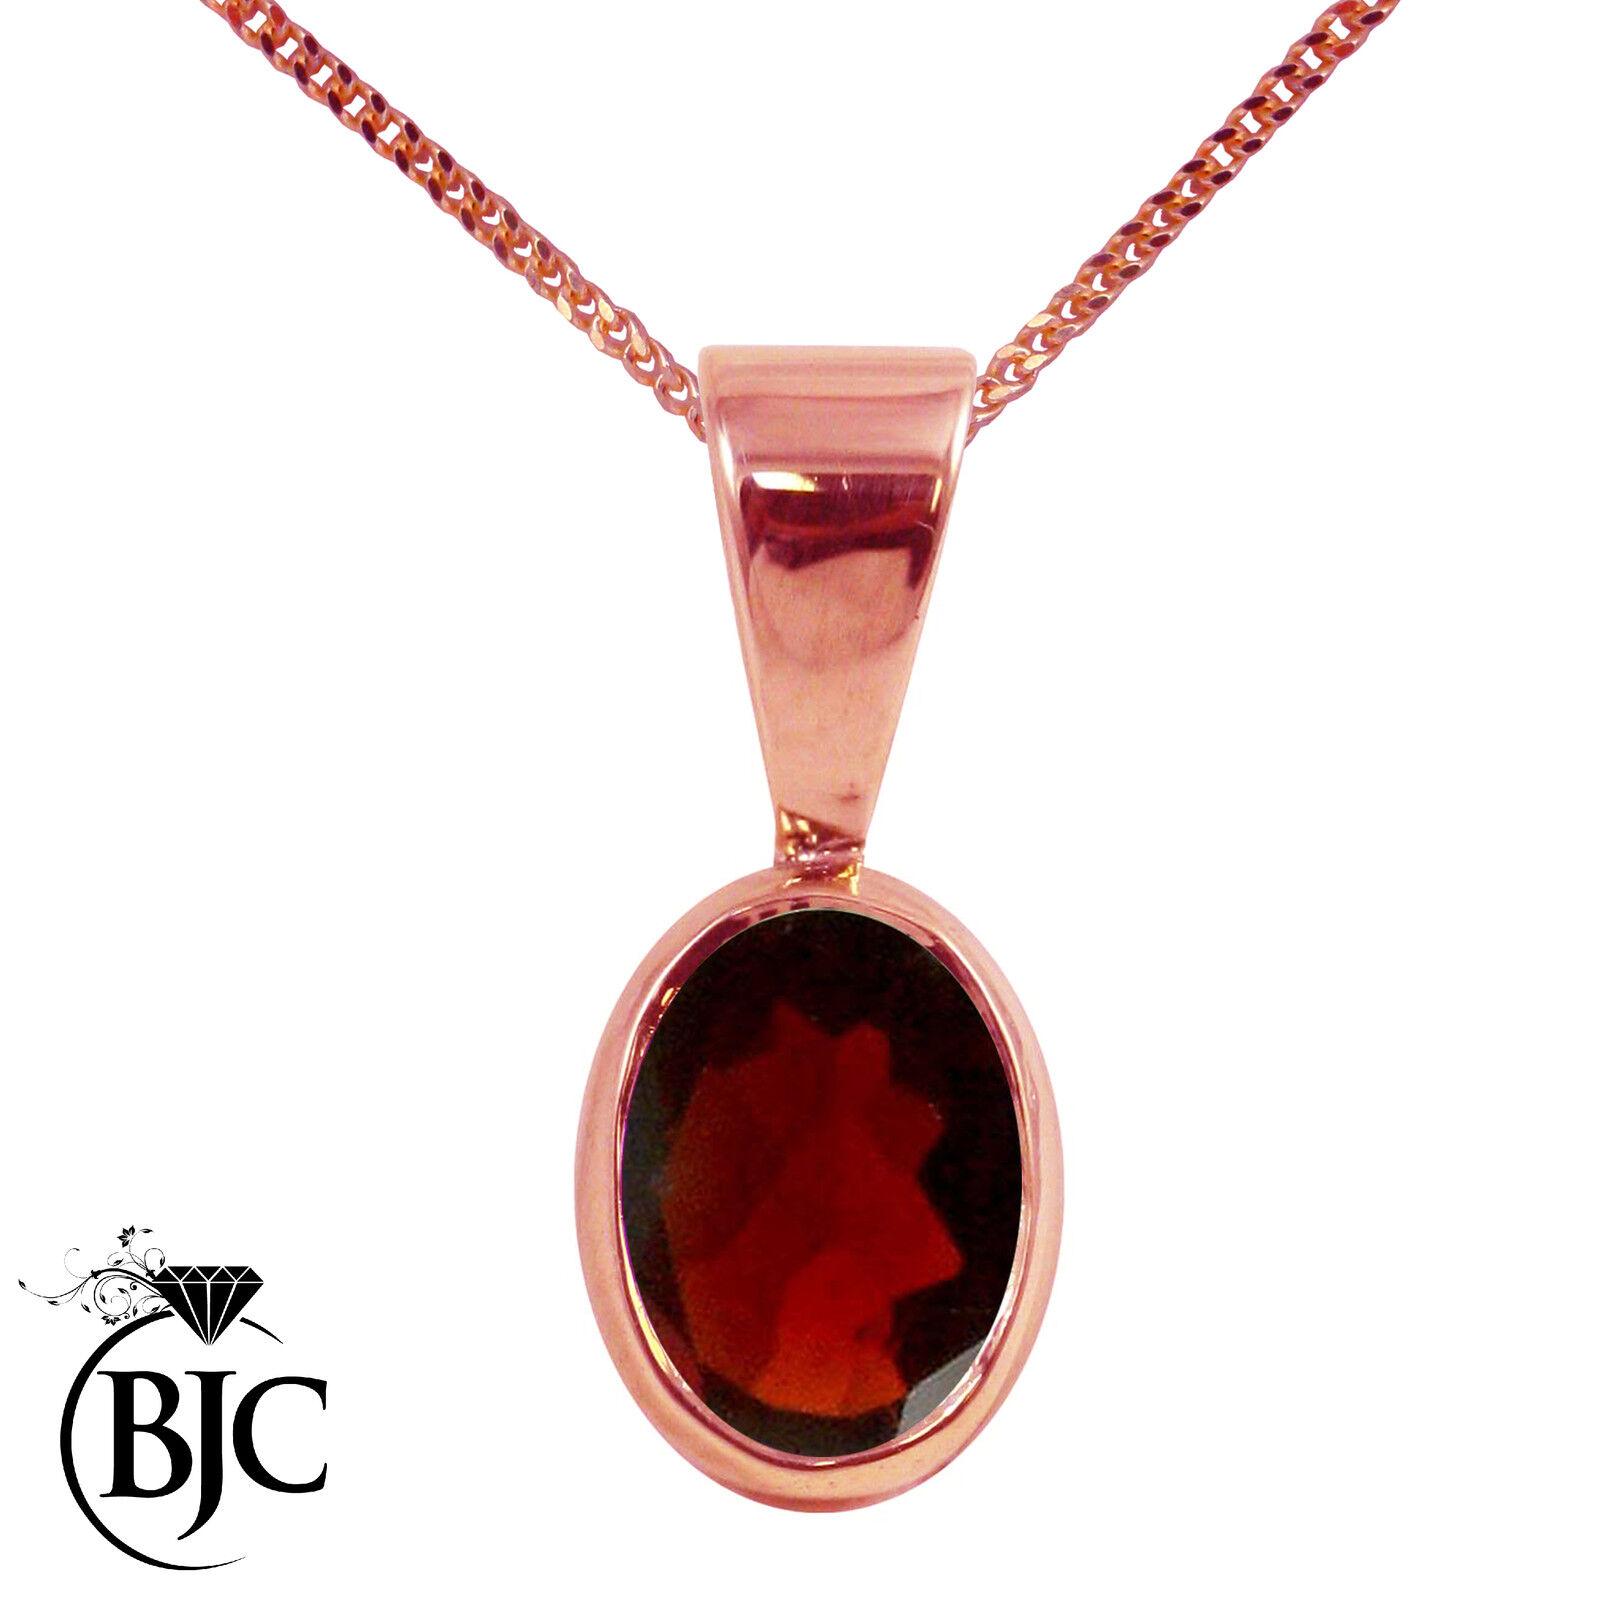 BJC 9ct pink ROSSA gold naturale Granato SOLITARIO PENDENTE OVALE E COLLANA